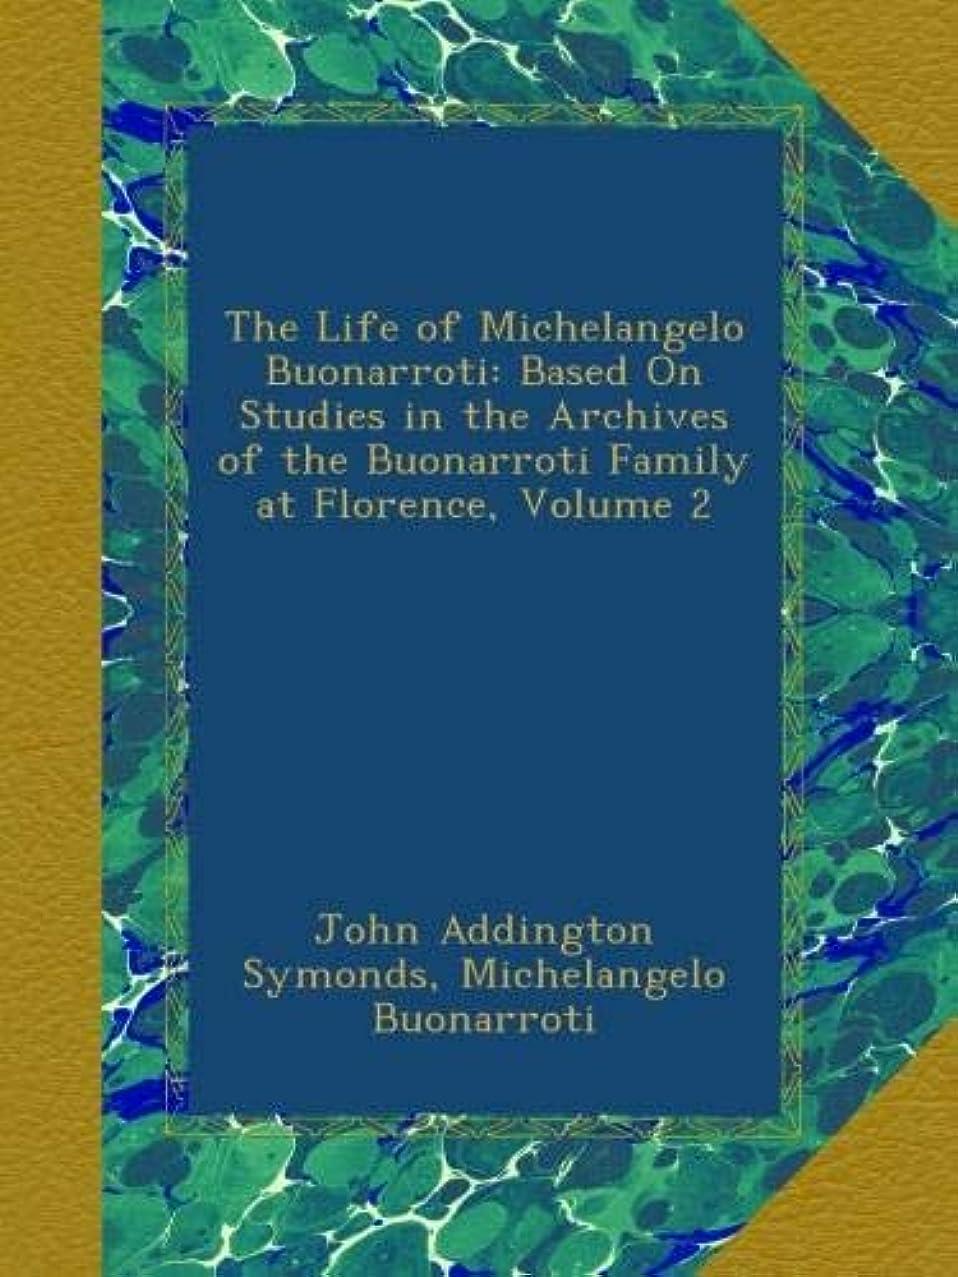 従順な細分化する極めてThe Life of Michelangelo Buonarroti: Based On Studies in the Archives of the Buonarroti Family at Florence, Volume 2